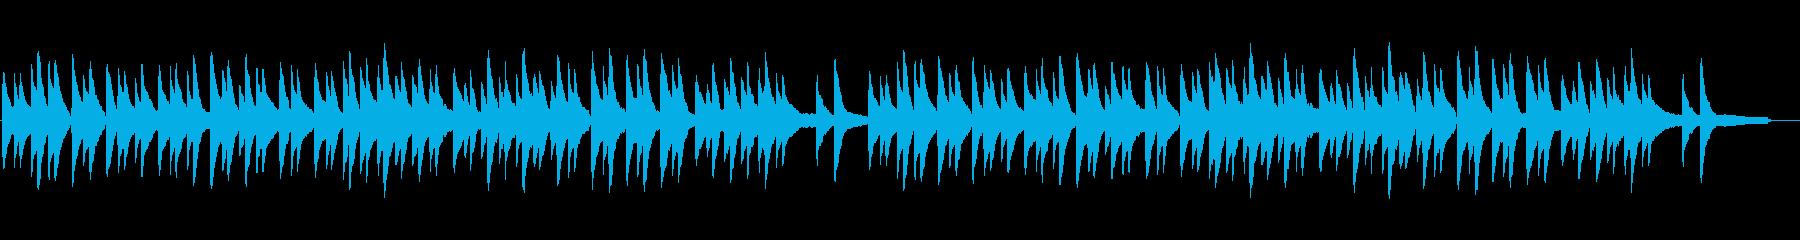 環境音楽風あんたがたどこさ(全国版)の再生済みの波形